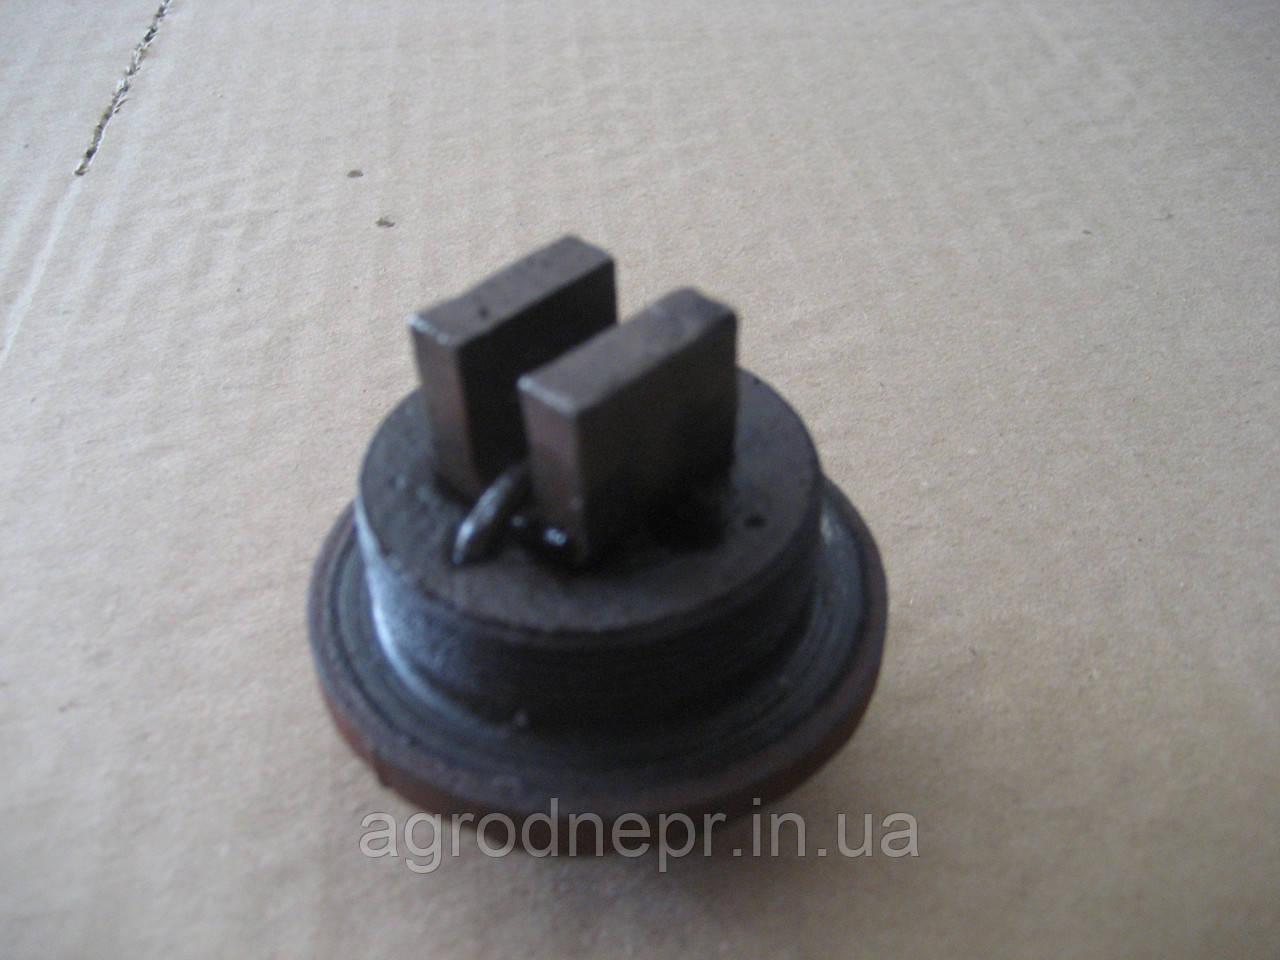 Пробка піддону з магнітом Д-65 36-1009200 СБ ЮМЗ